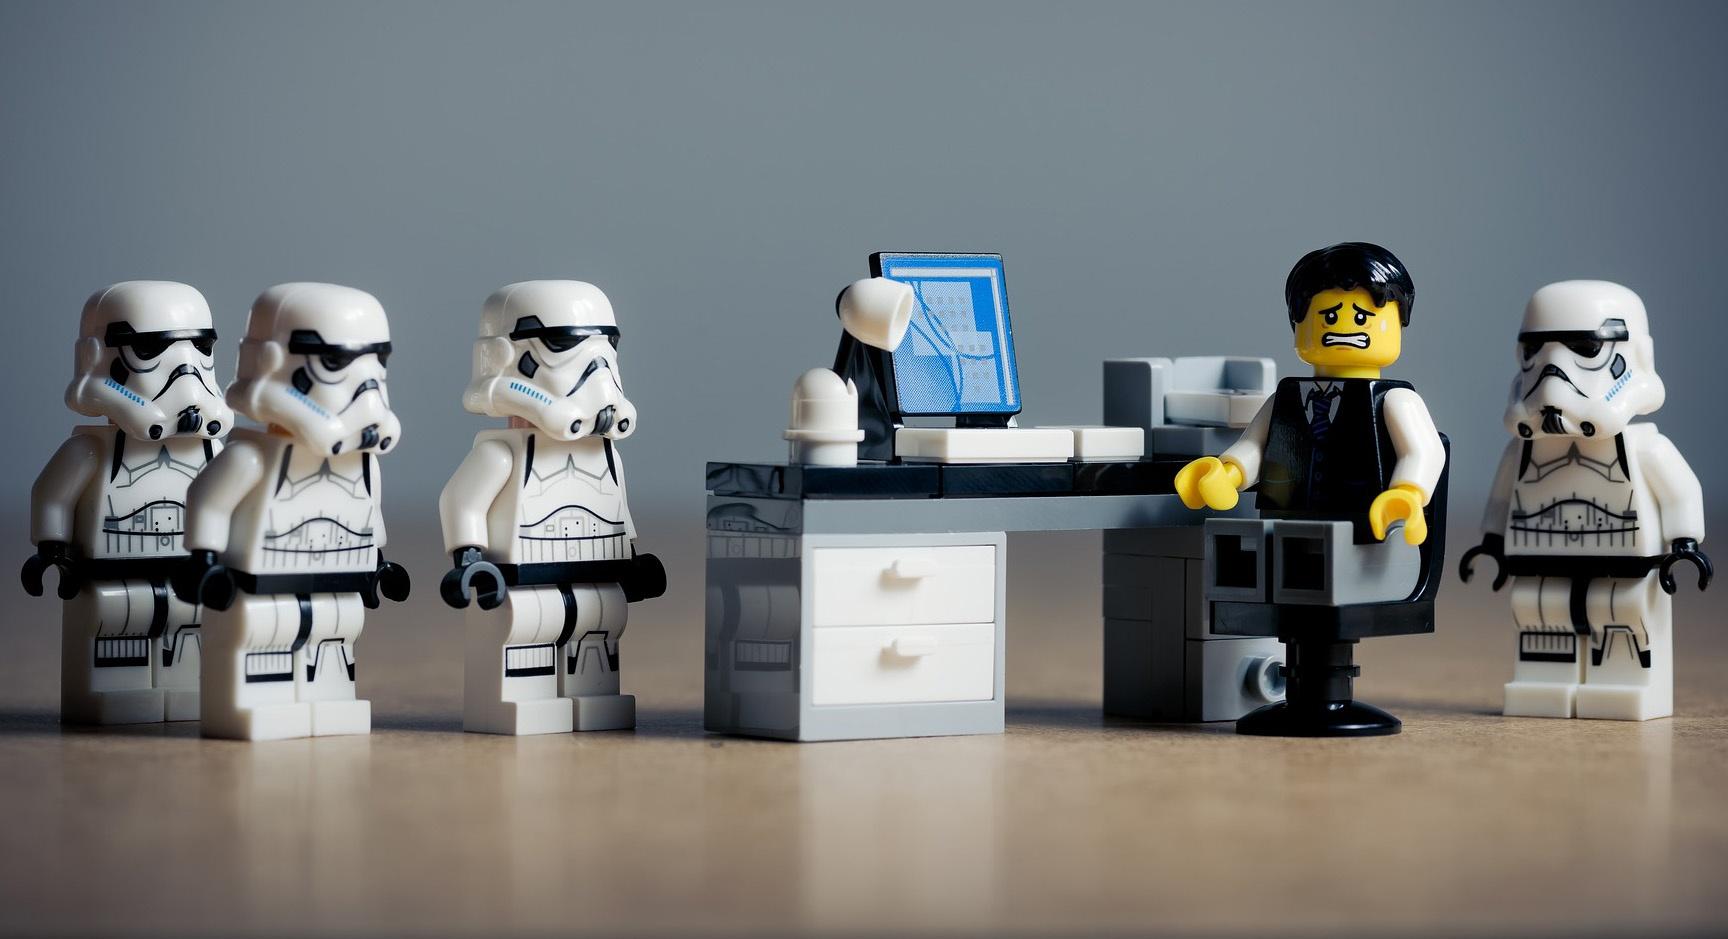 Marketing-Automation-ist-kein-Ersatz-für-Strategie-1.jpg